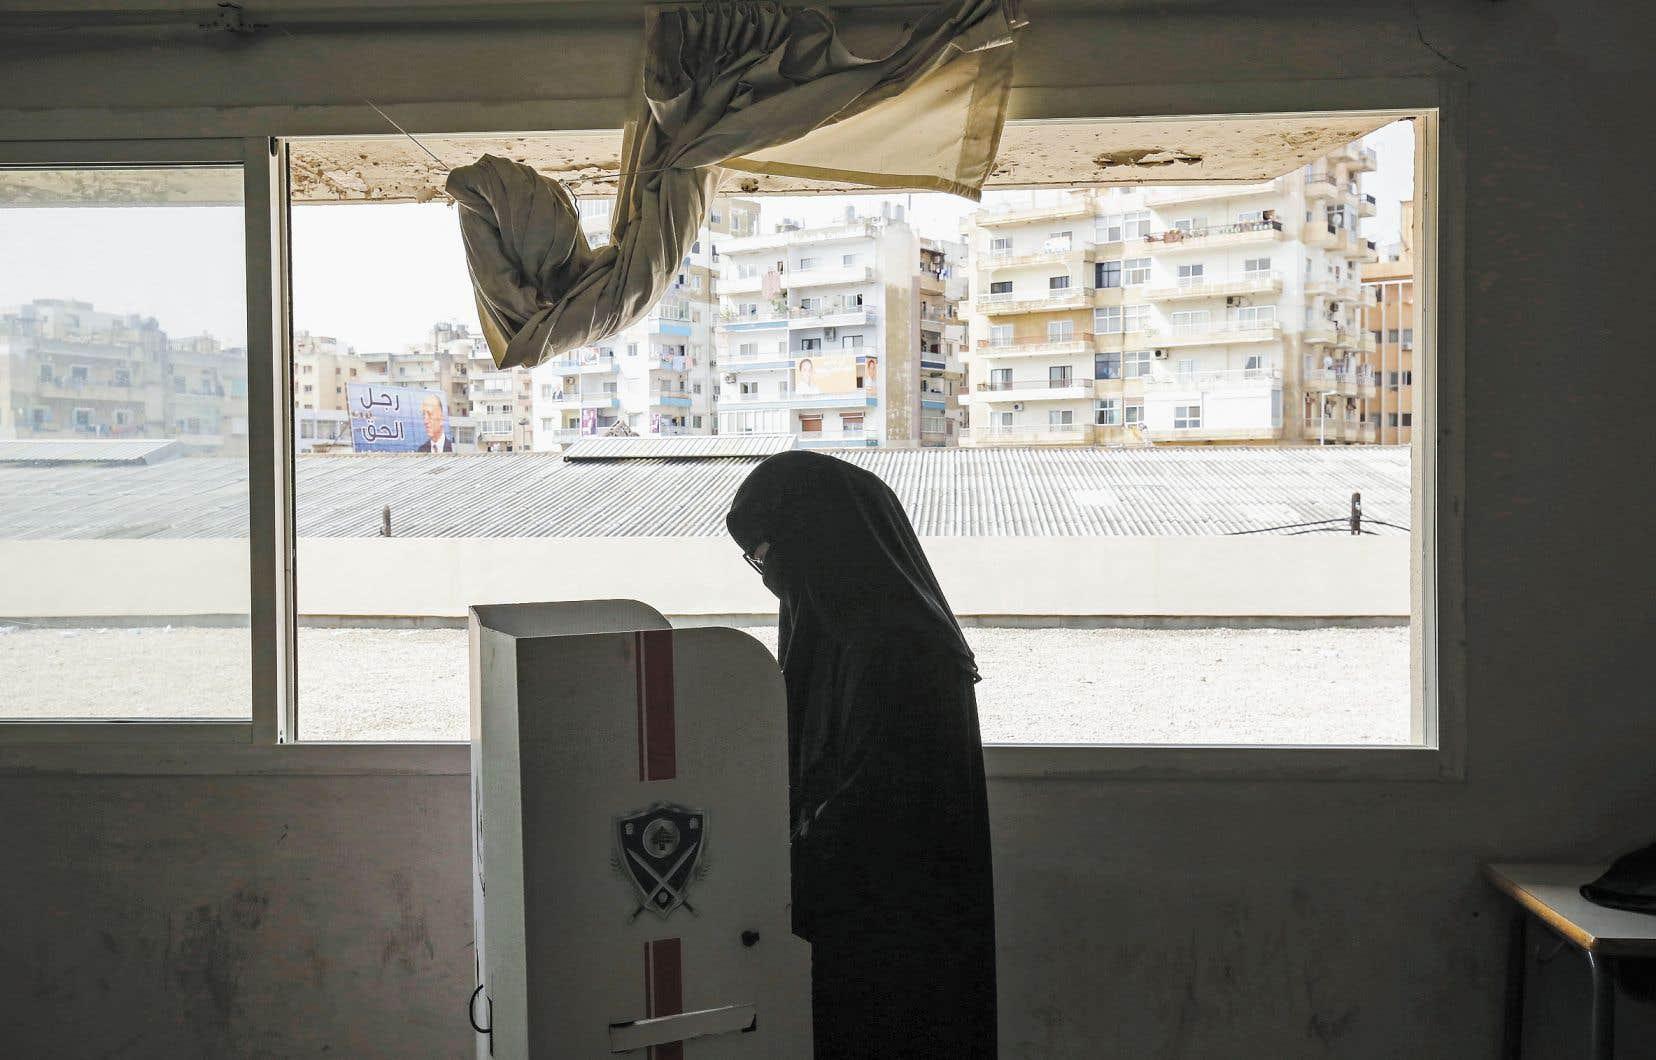 Une femme sunnite portant le voile intégral exerçait son droit de vote derrière un isoloir, dans un bureau de scrutin de Tripoli, au Liban, dimanche.